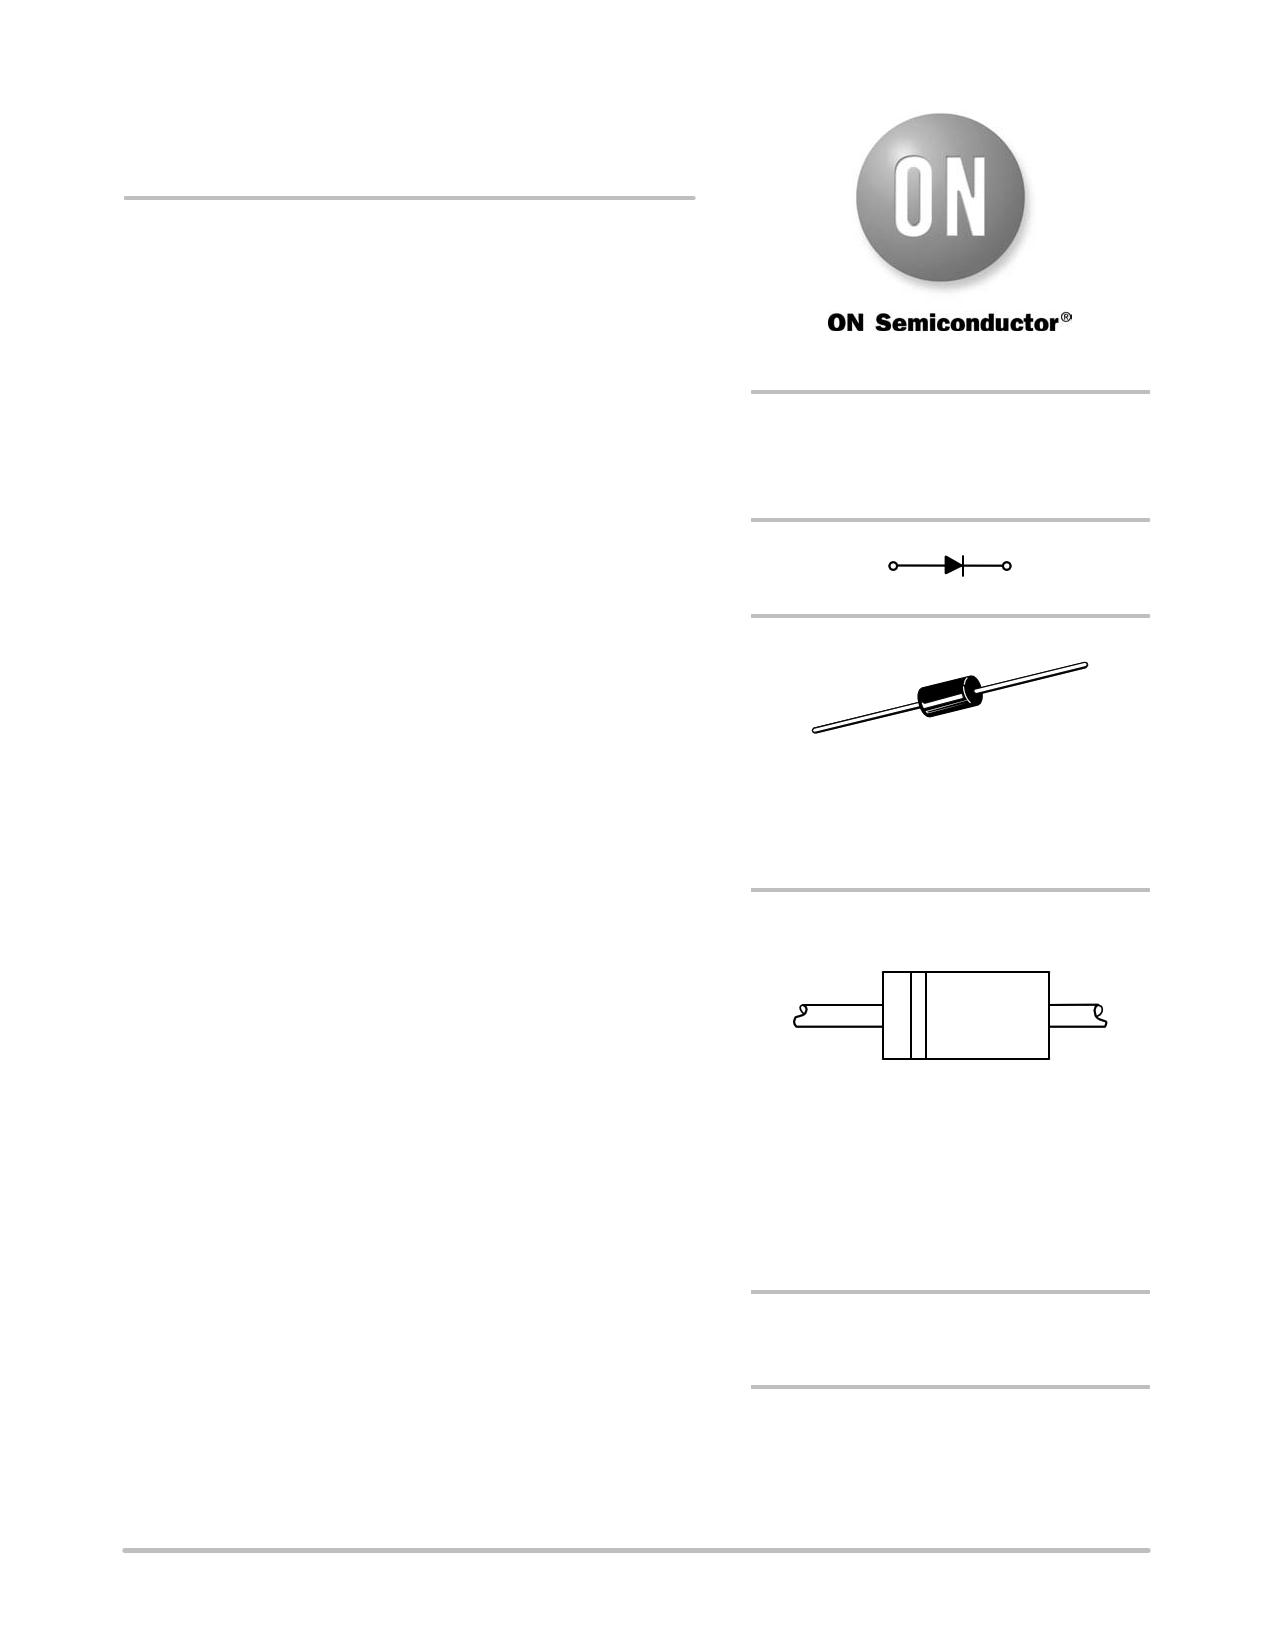 MUR460 datasheet